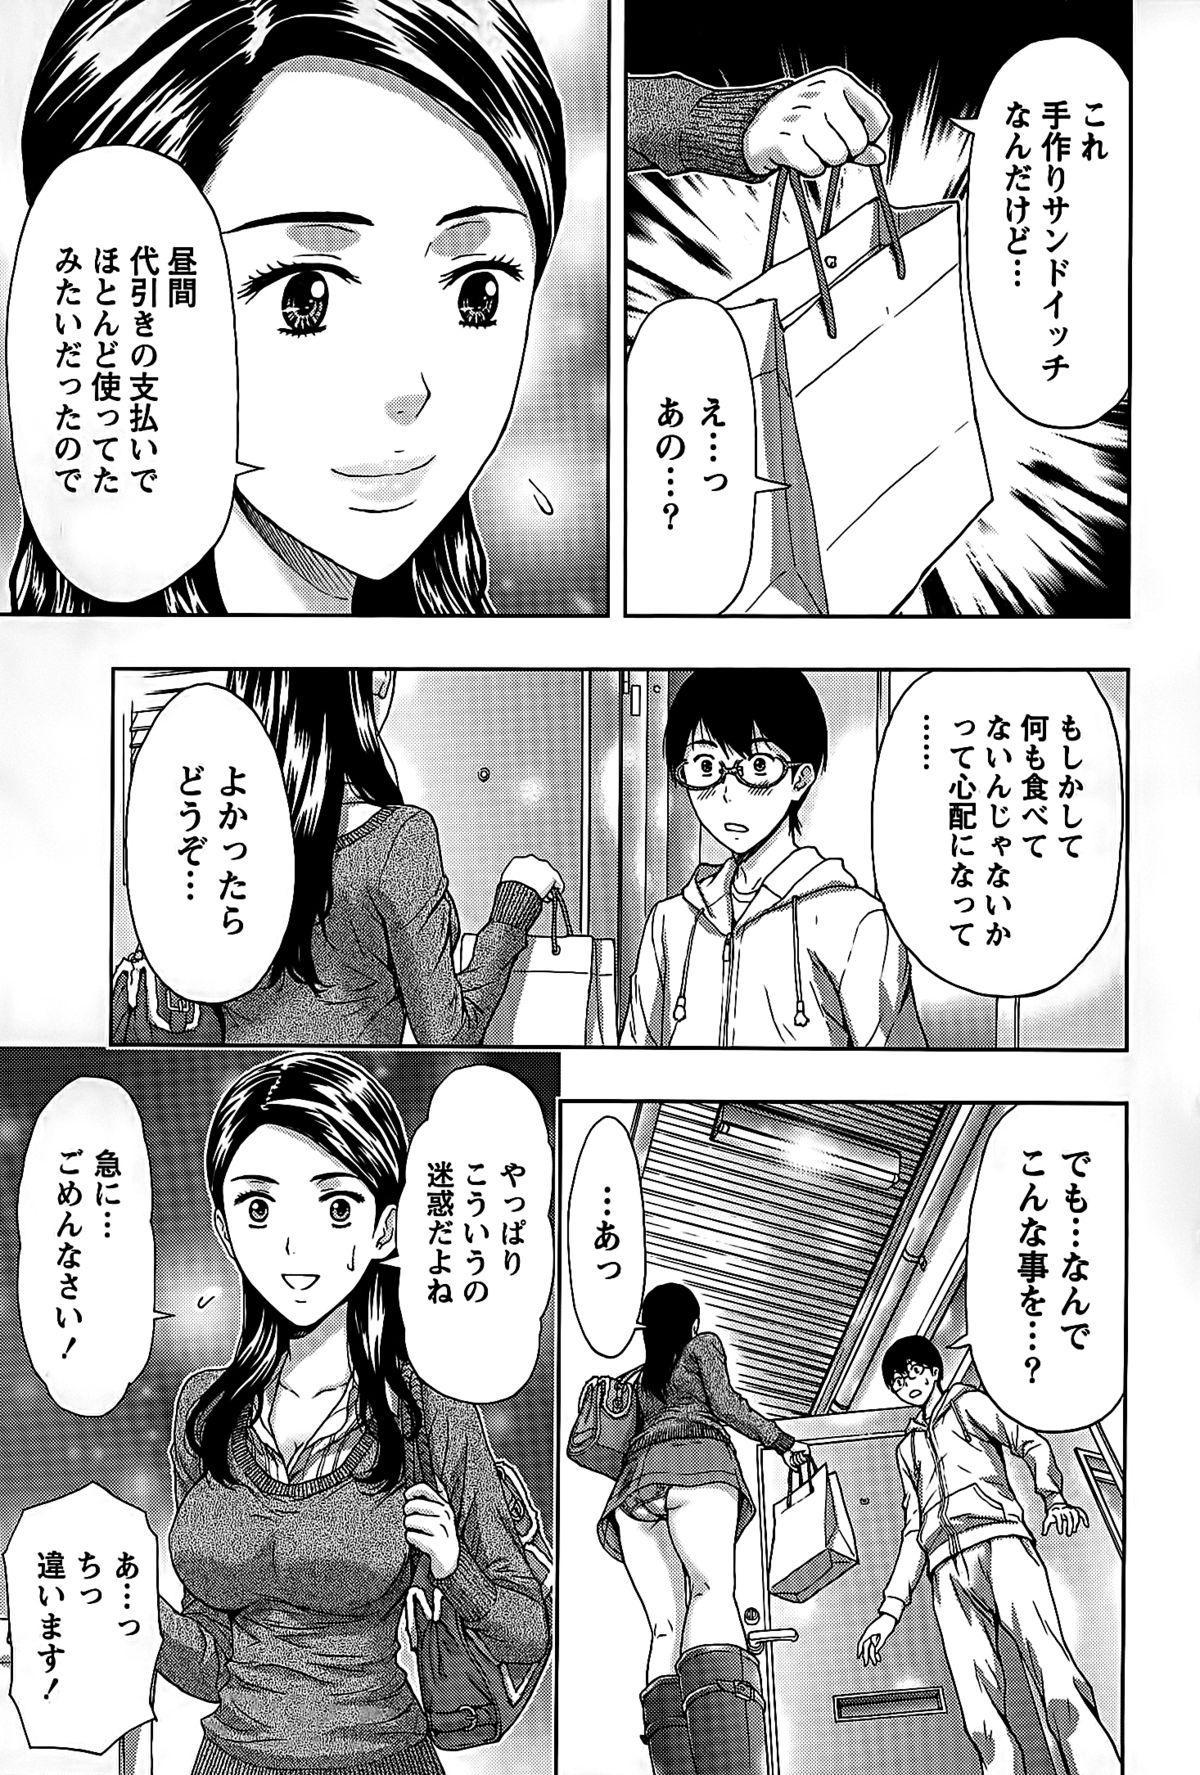 Shittori Lady to Amai Mitsu 52